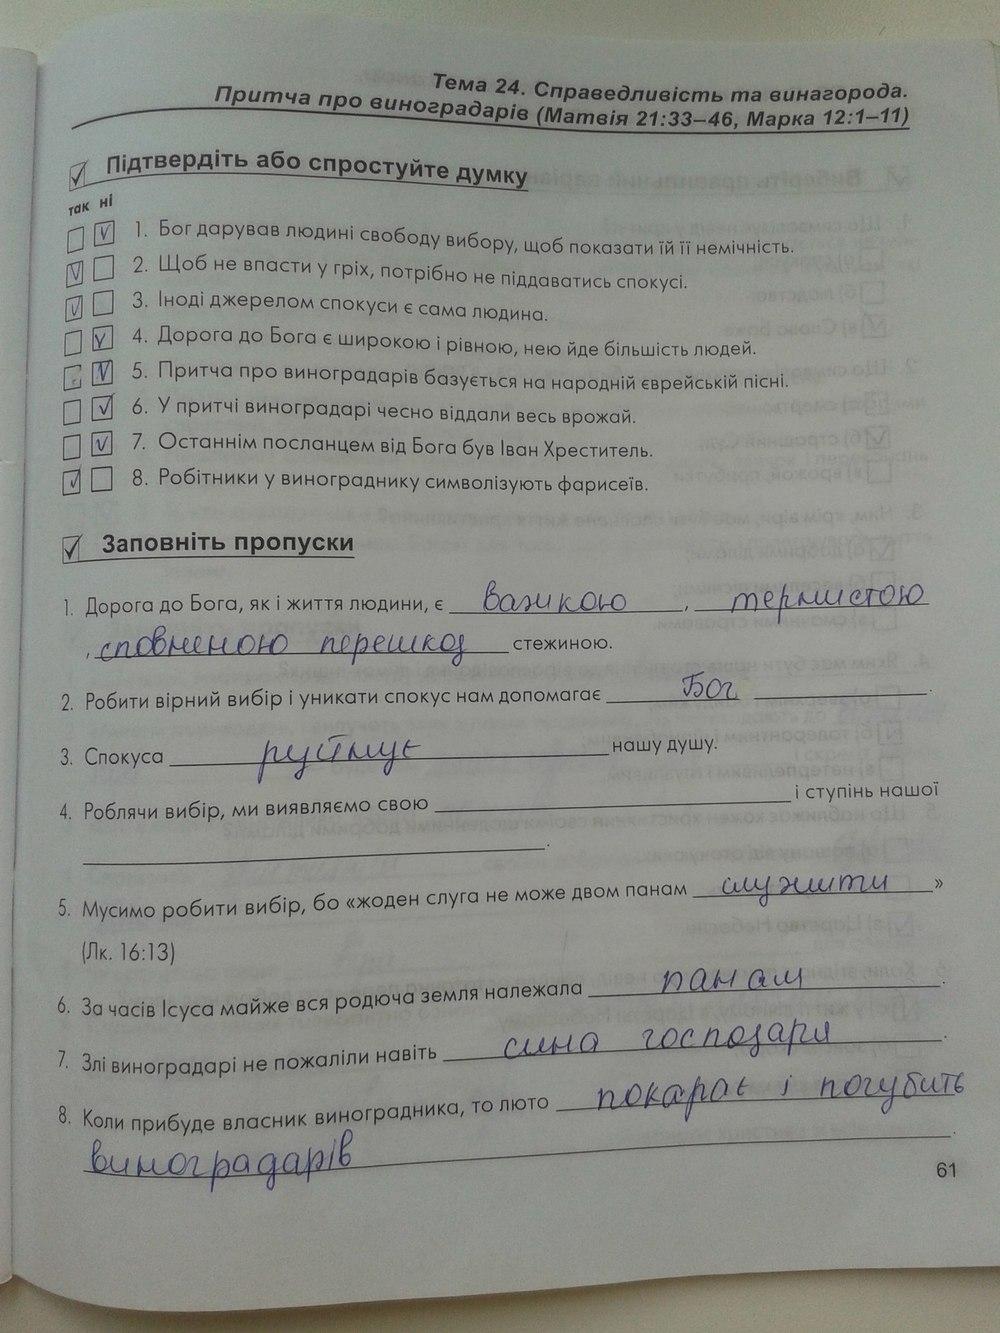 ГДЗ відповіді робочий зошит по этике 6 класс Г.О. Кізілова. Задание: стр. 61